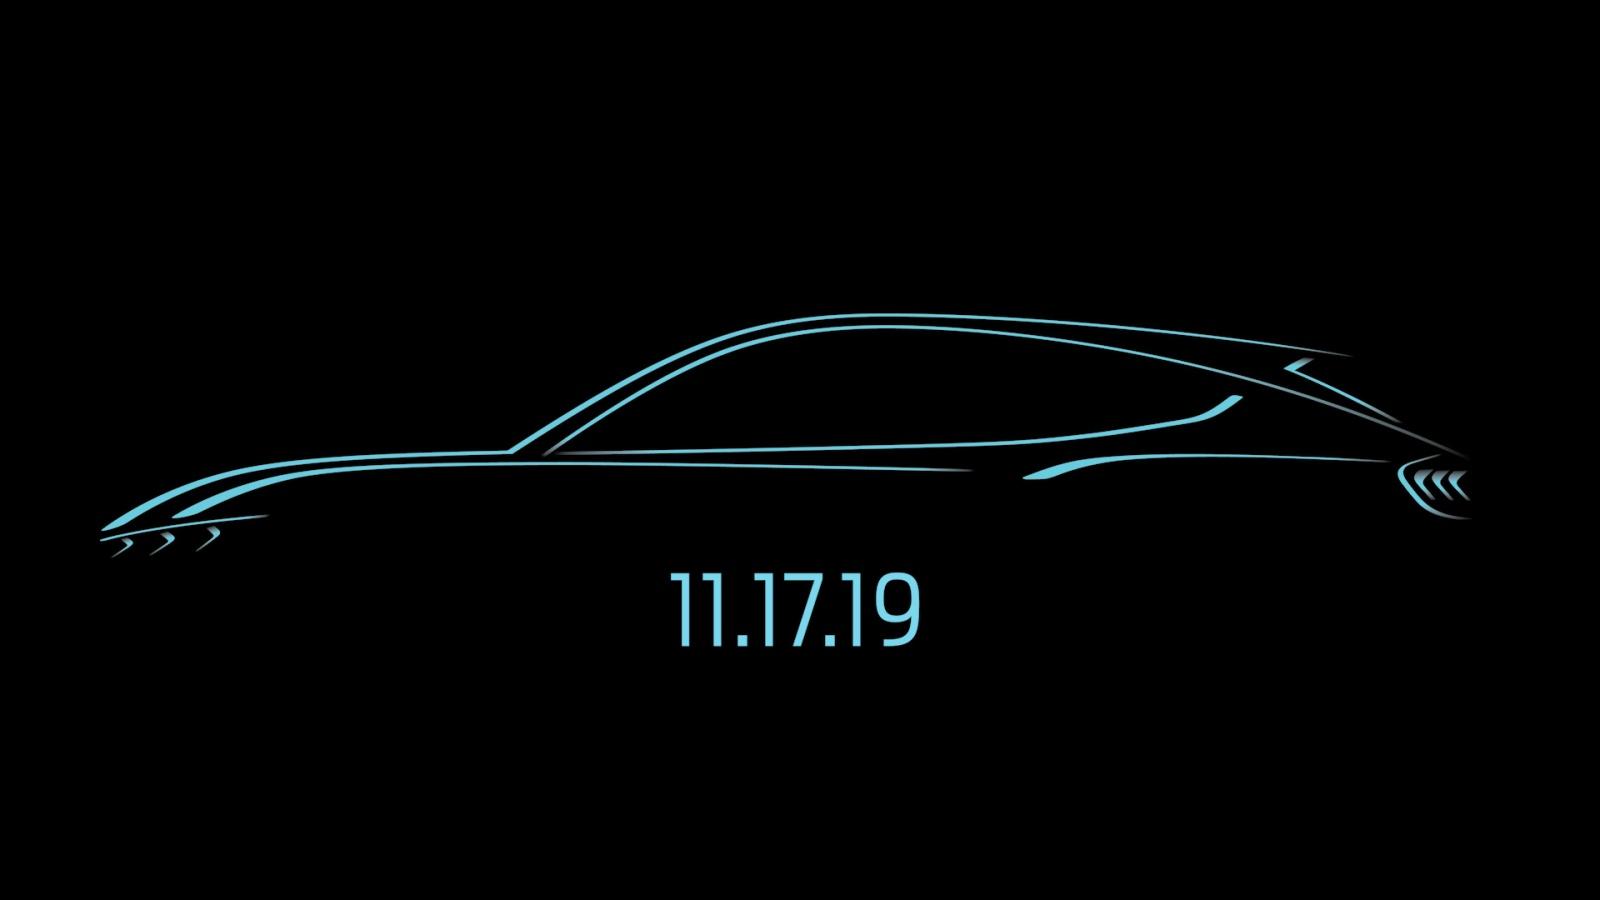 Elektryczny SUV inspirowany Fordem Mustangiem już w listopadzie